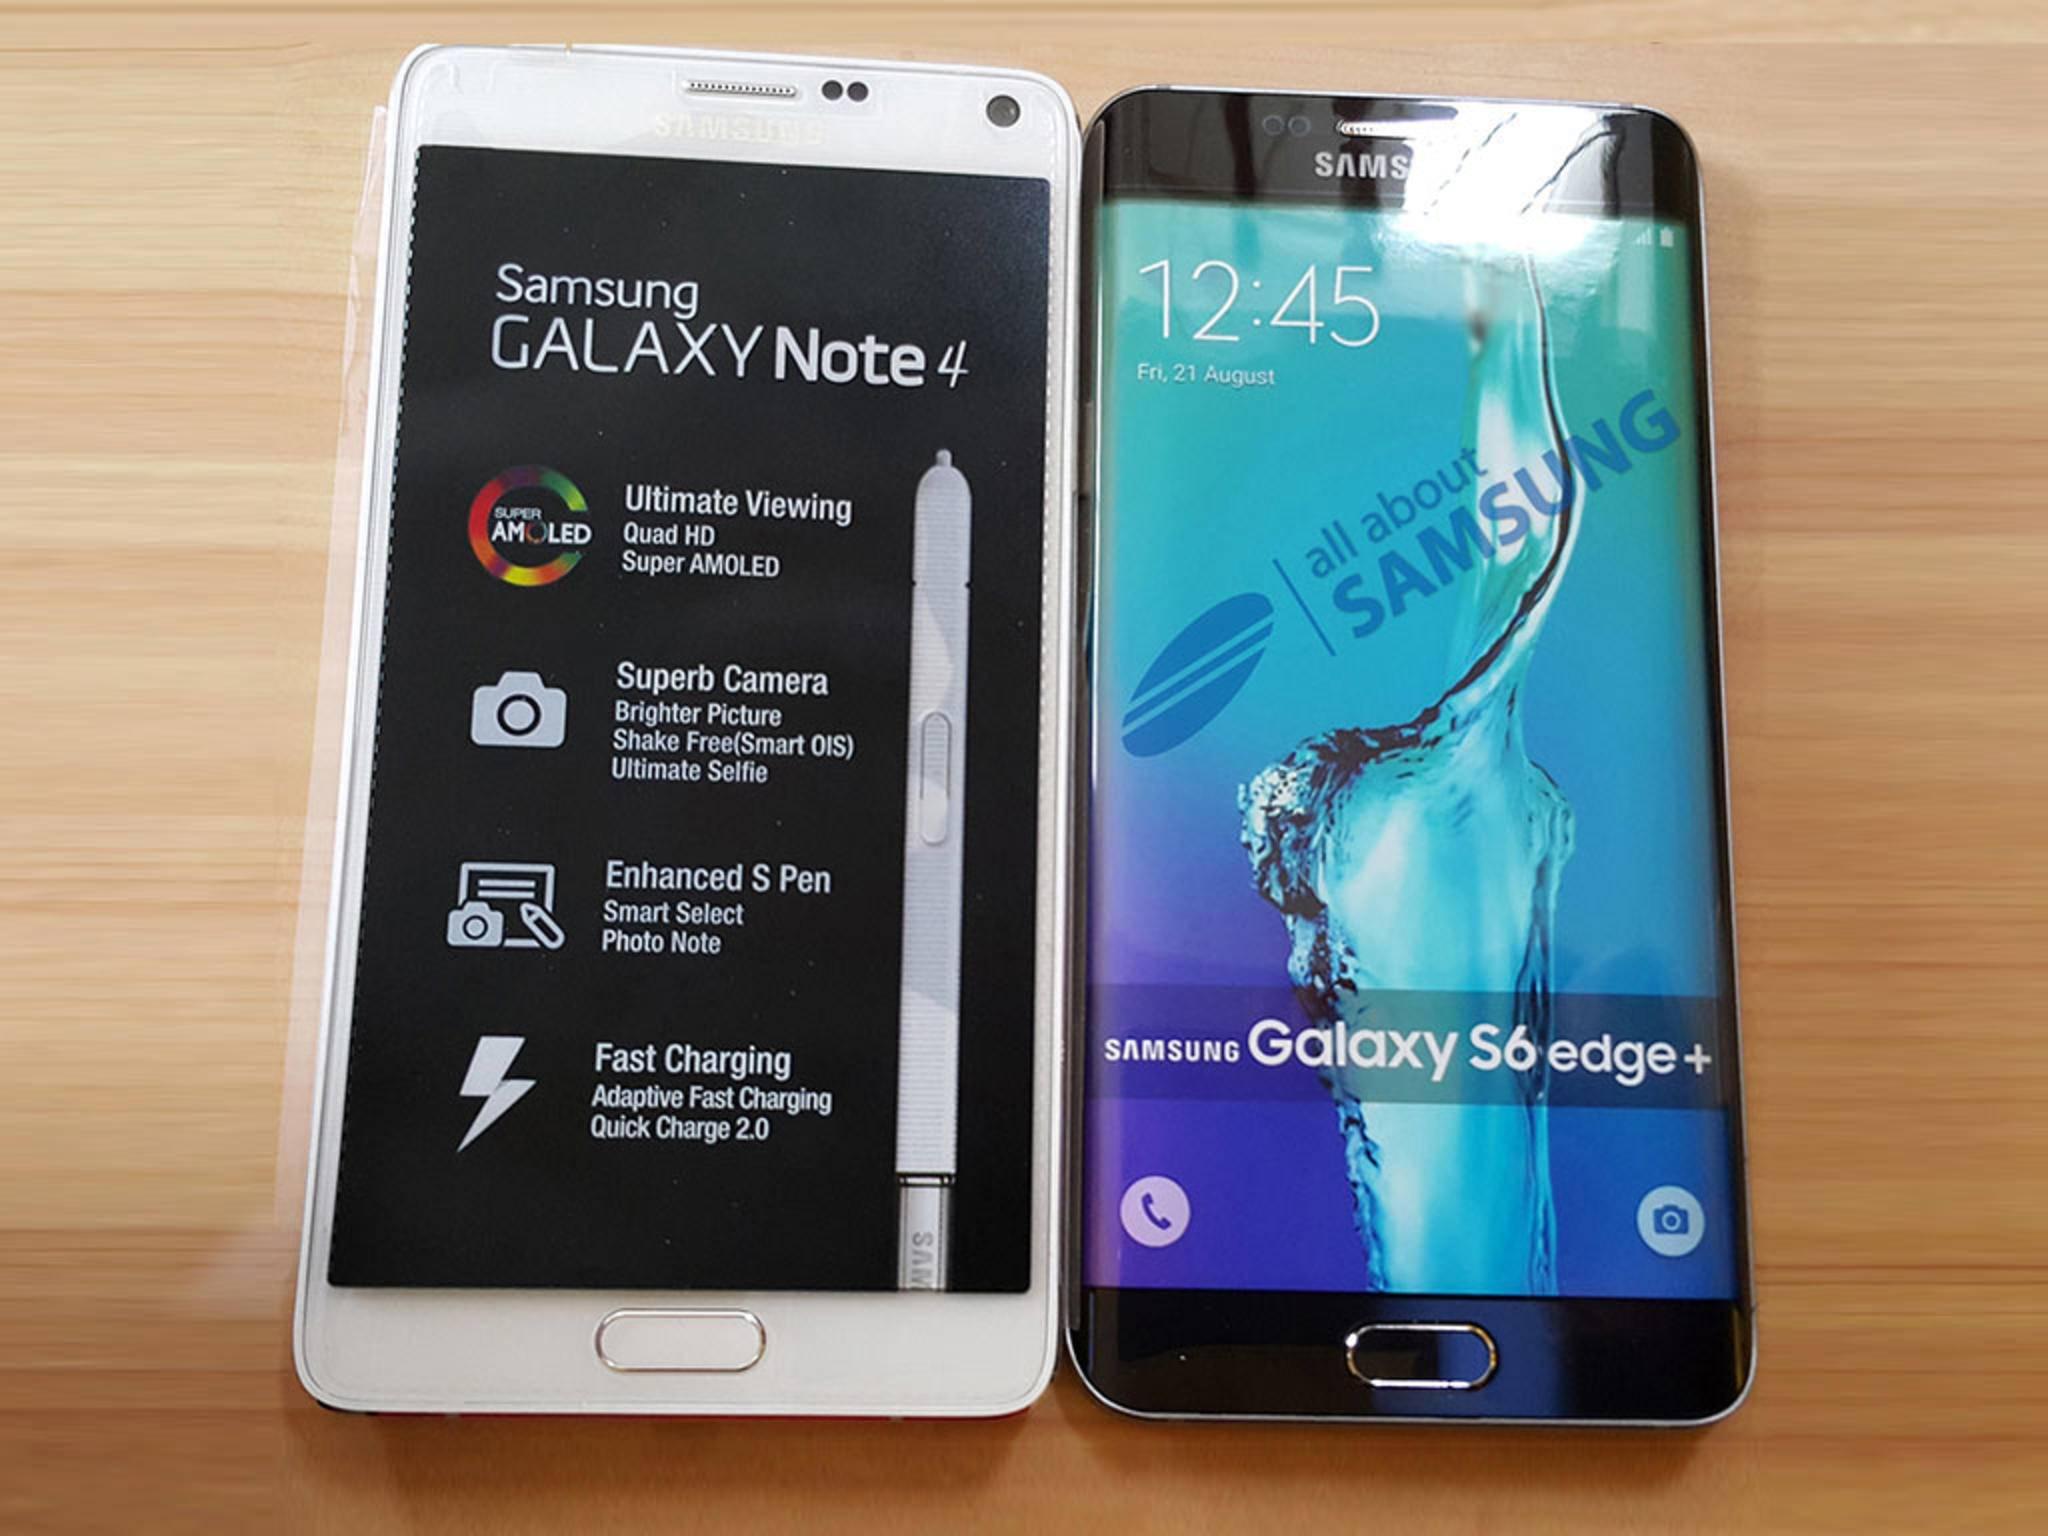 Das neue Galaxy S6 Edge+ im Vergleich zum Galaxy Note 4.